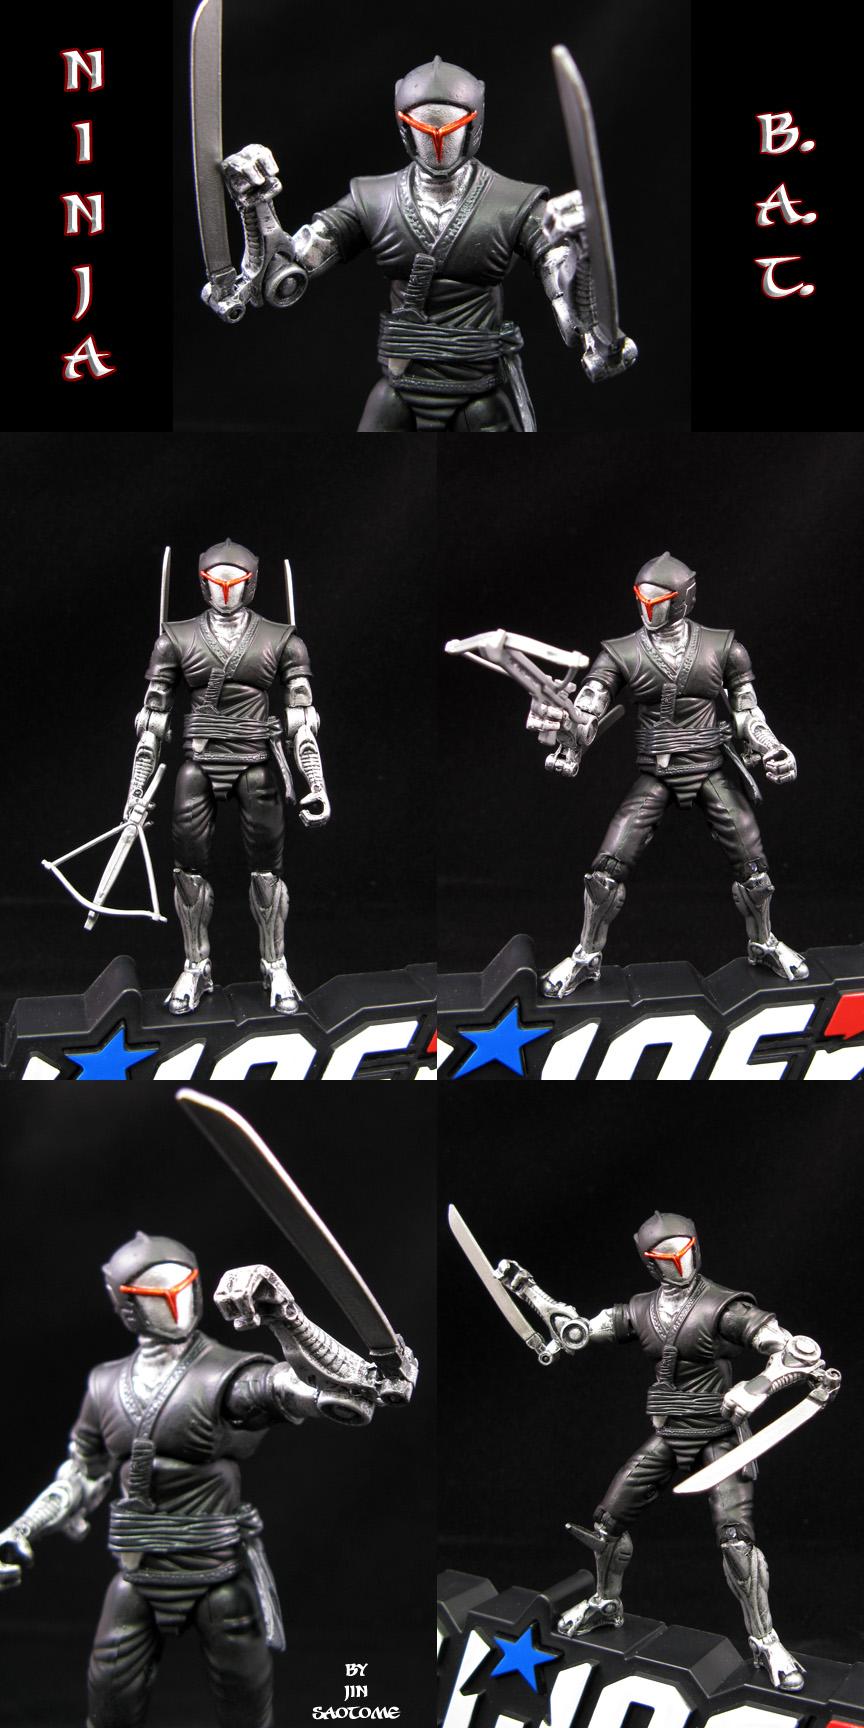 Ninja B.A.T.